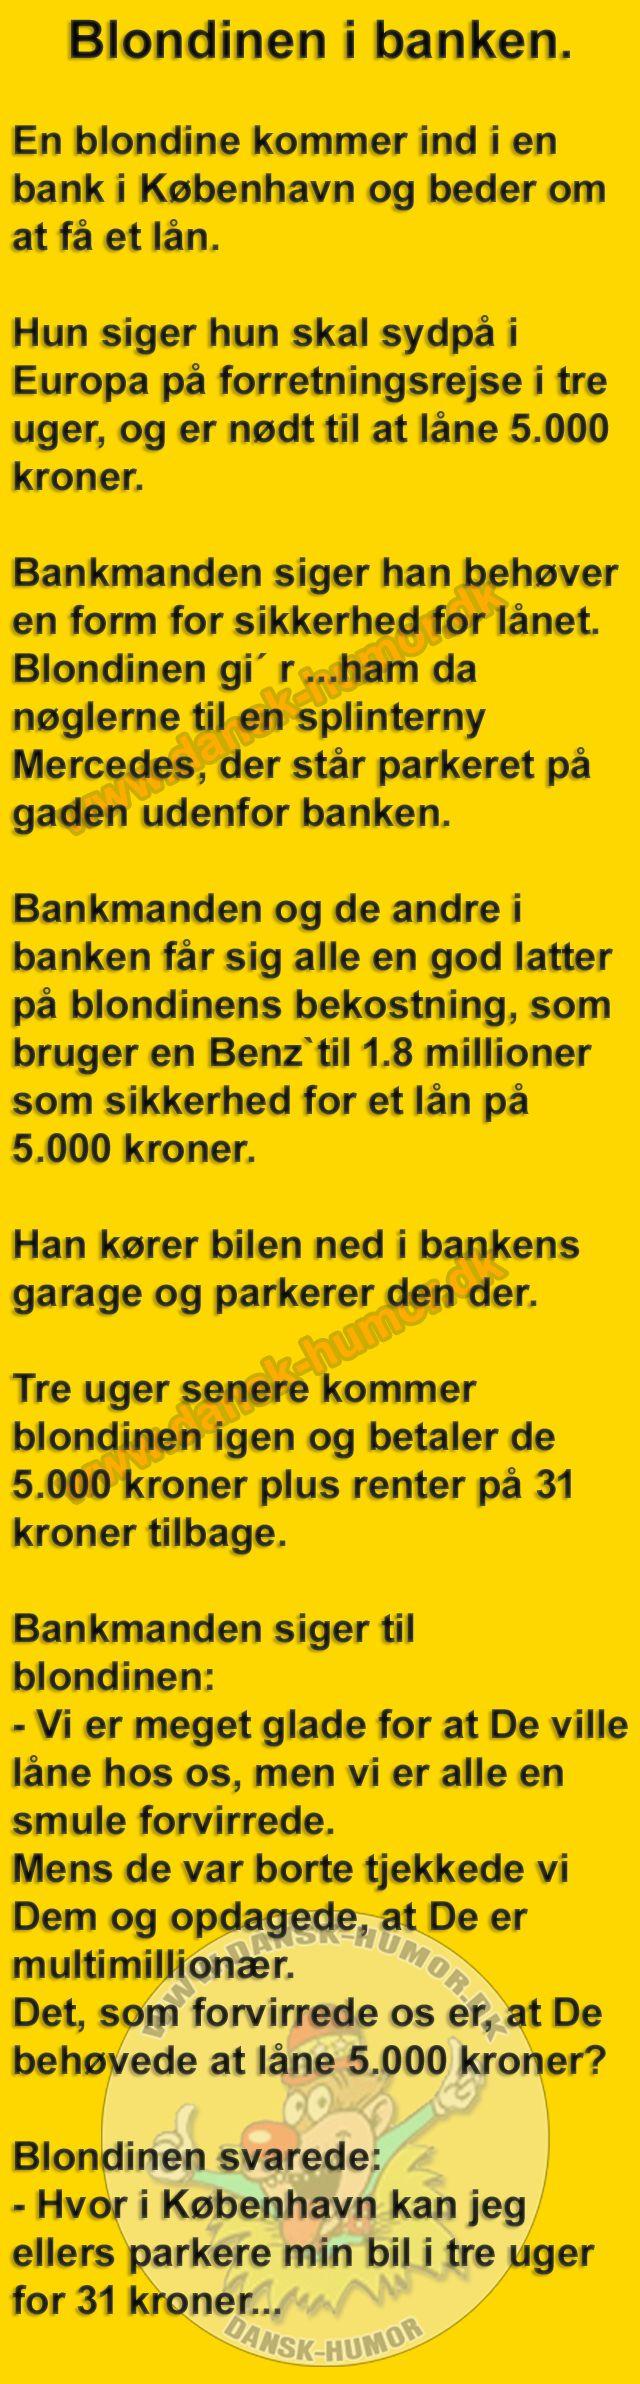 Blondinen i banken.